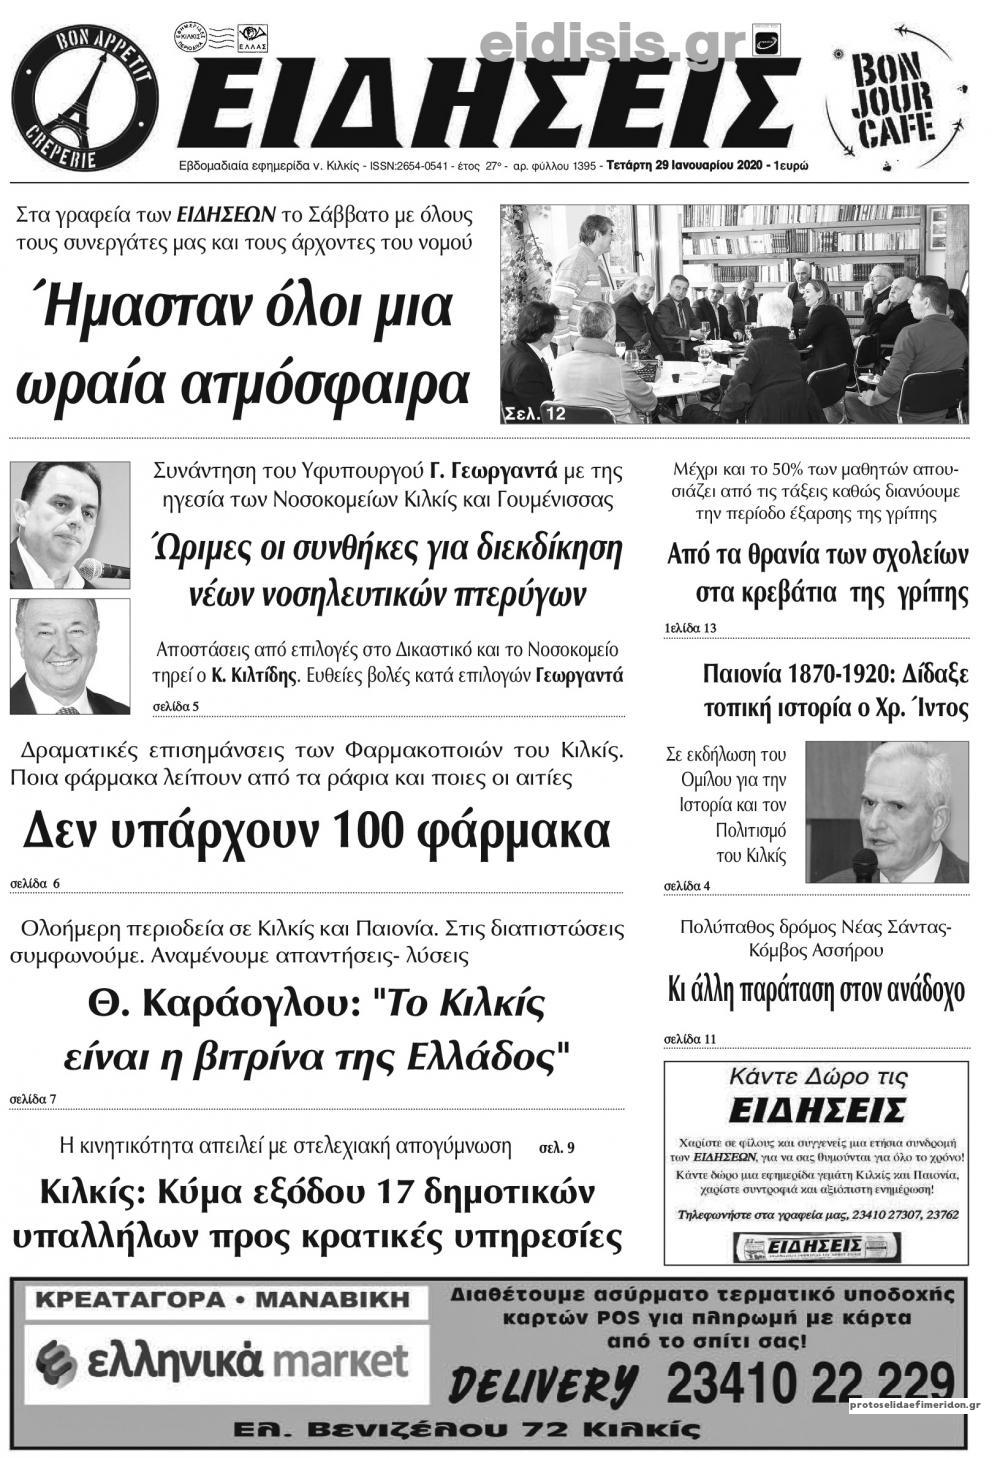 Πρωτοσέλιδο εφημερίδας Ειδήσεις Κιλκίς